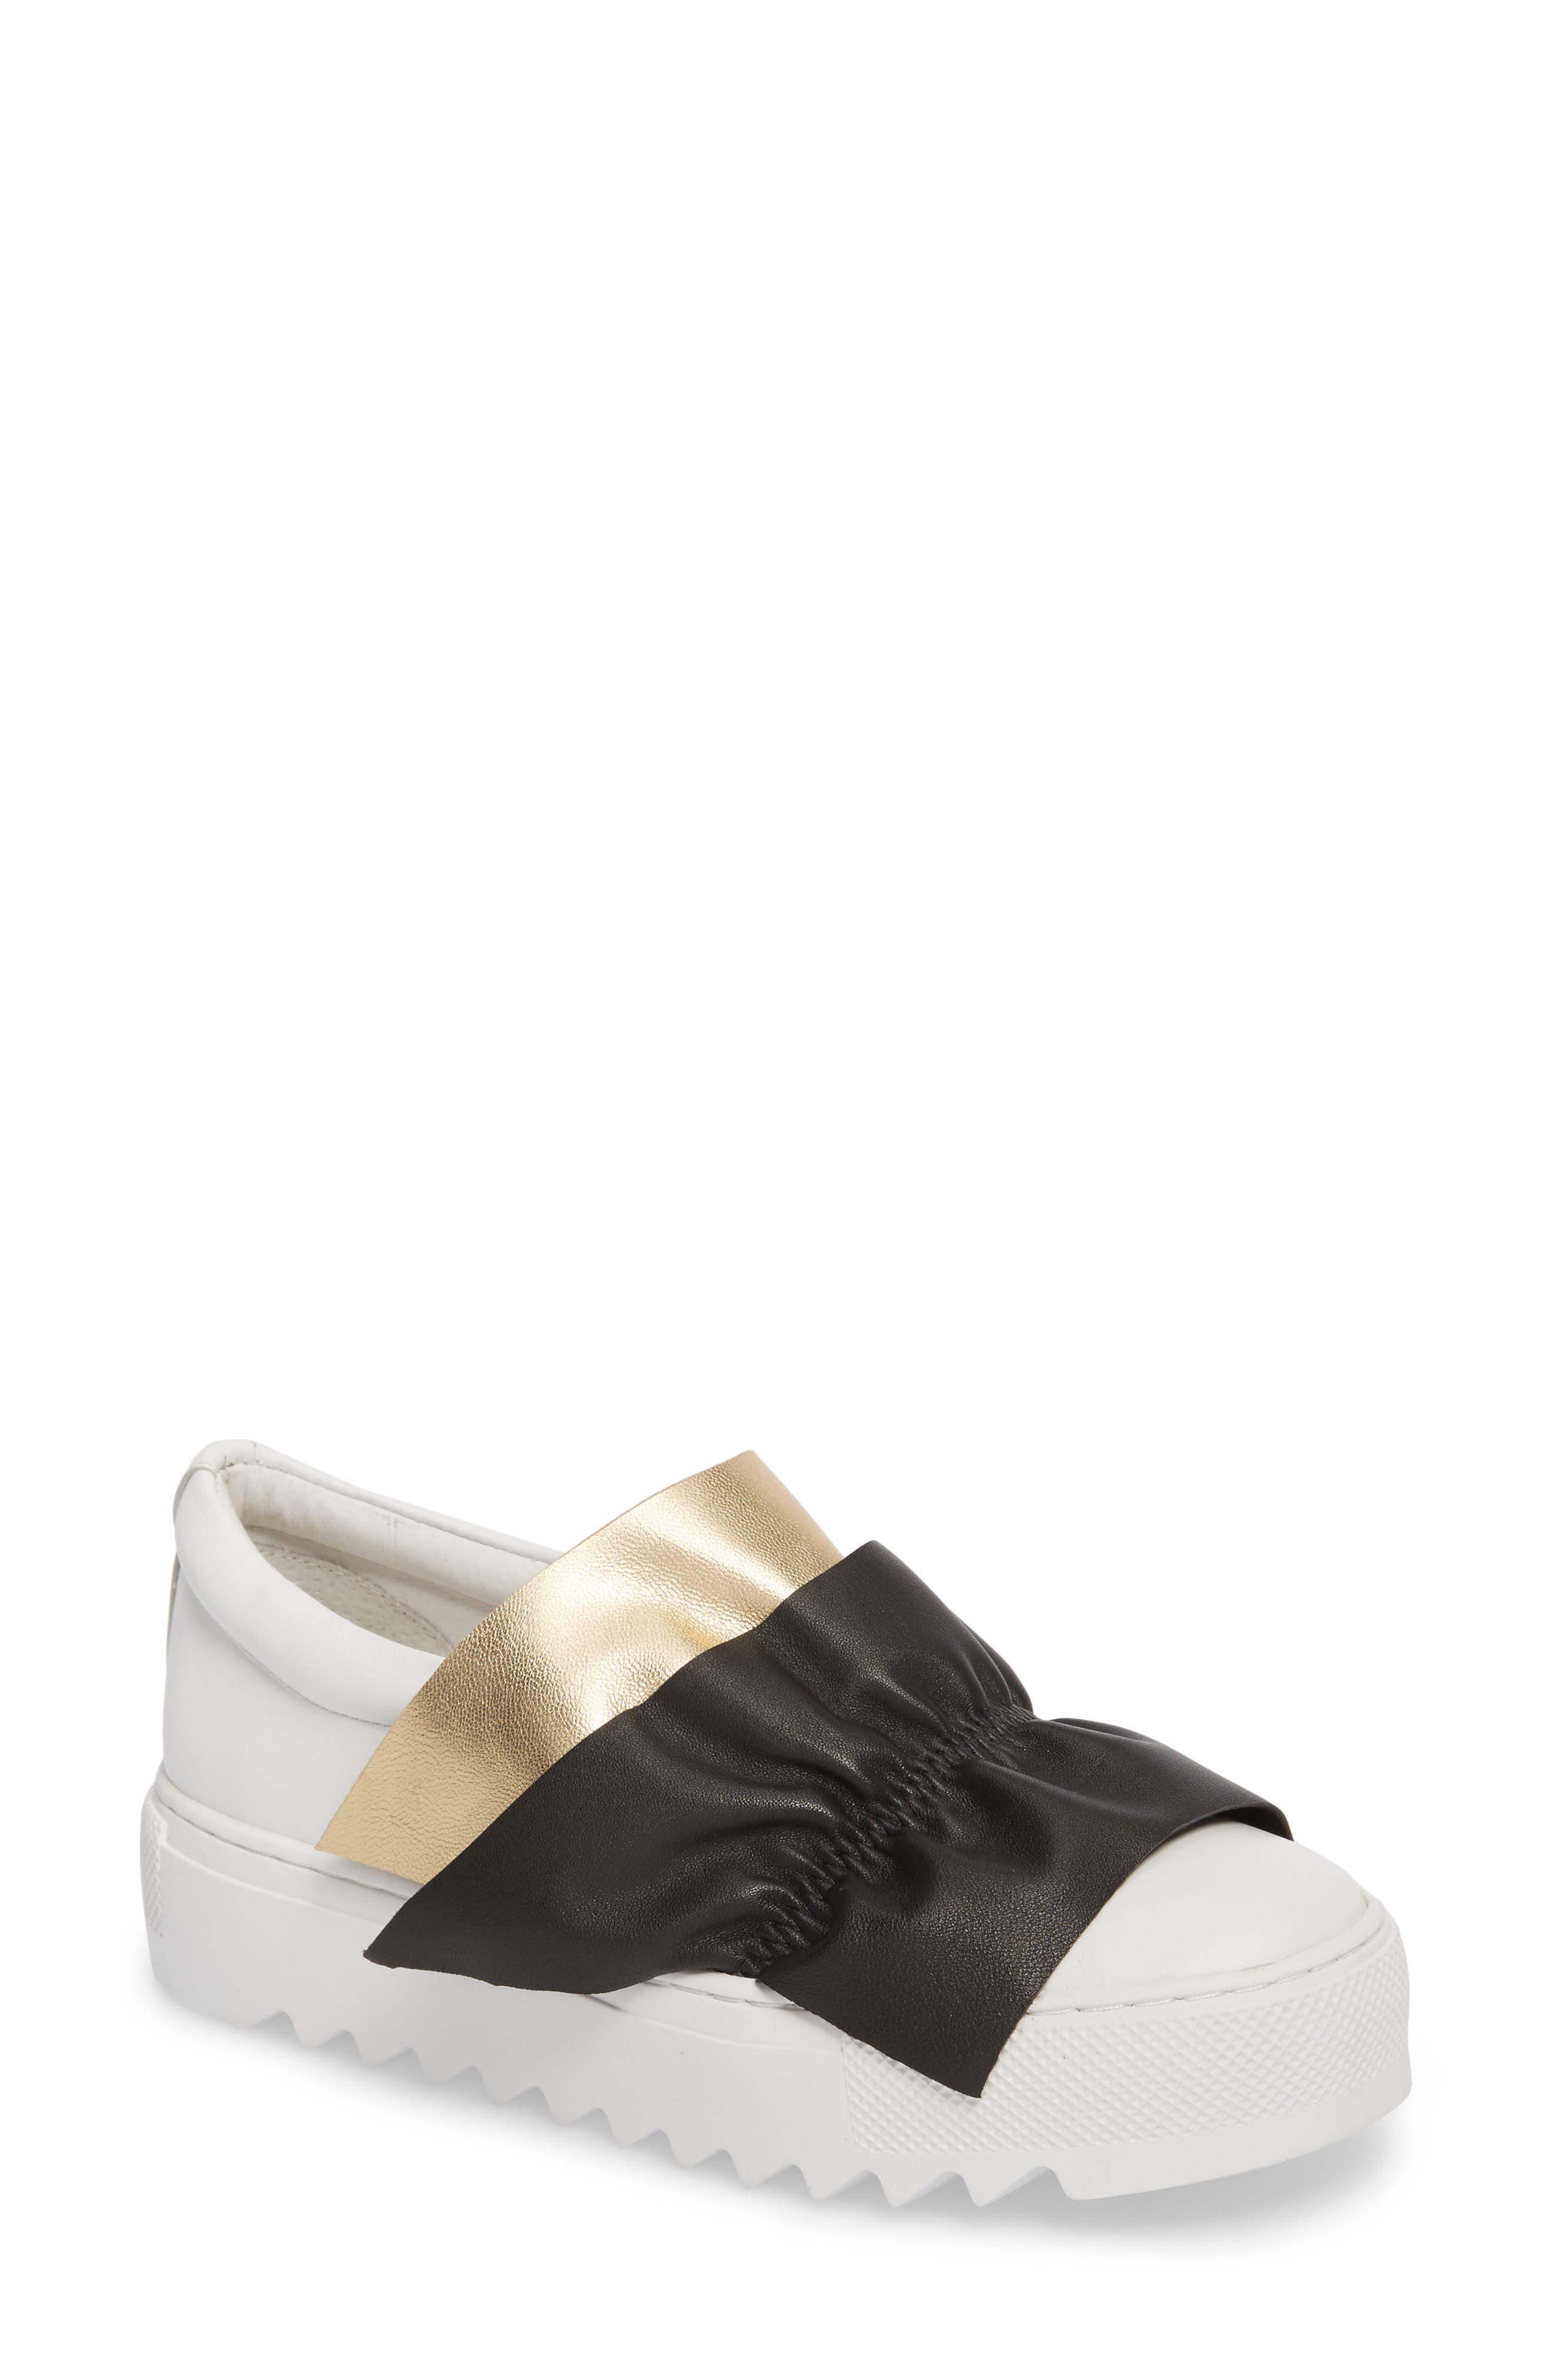 Main Image - JSlides Sadie Ruffle Platform Sneaker (Women)